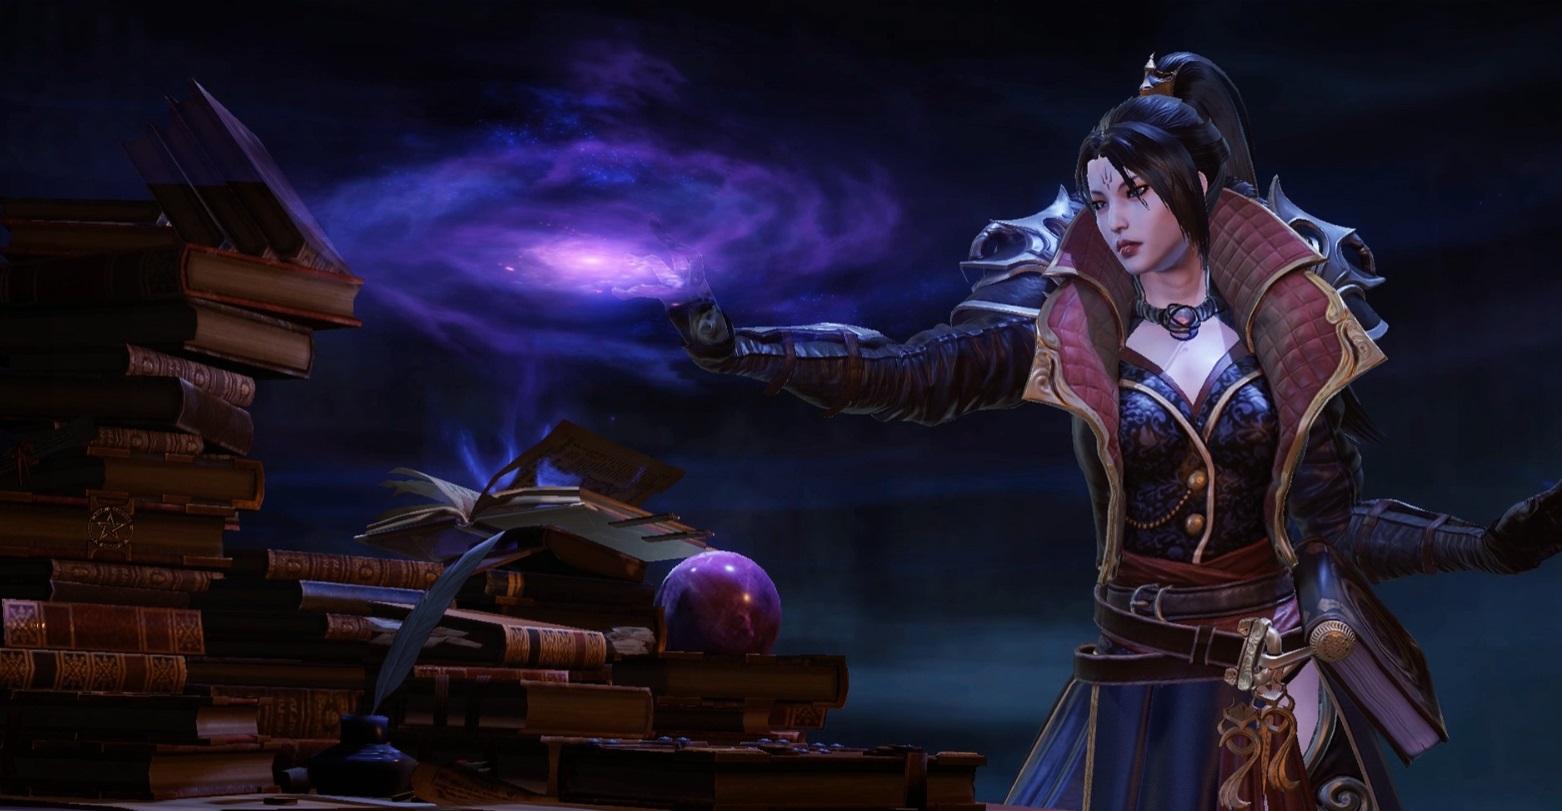 Blizzard пока не готова делать анонс следующей части Diablo